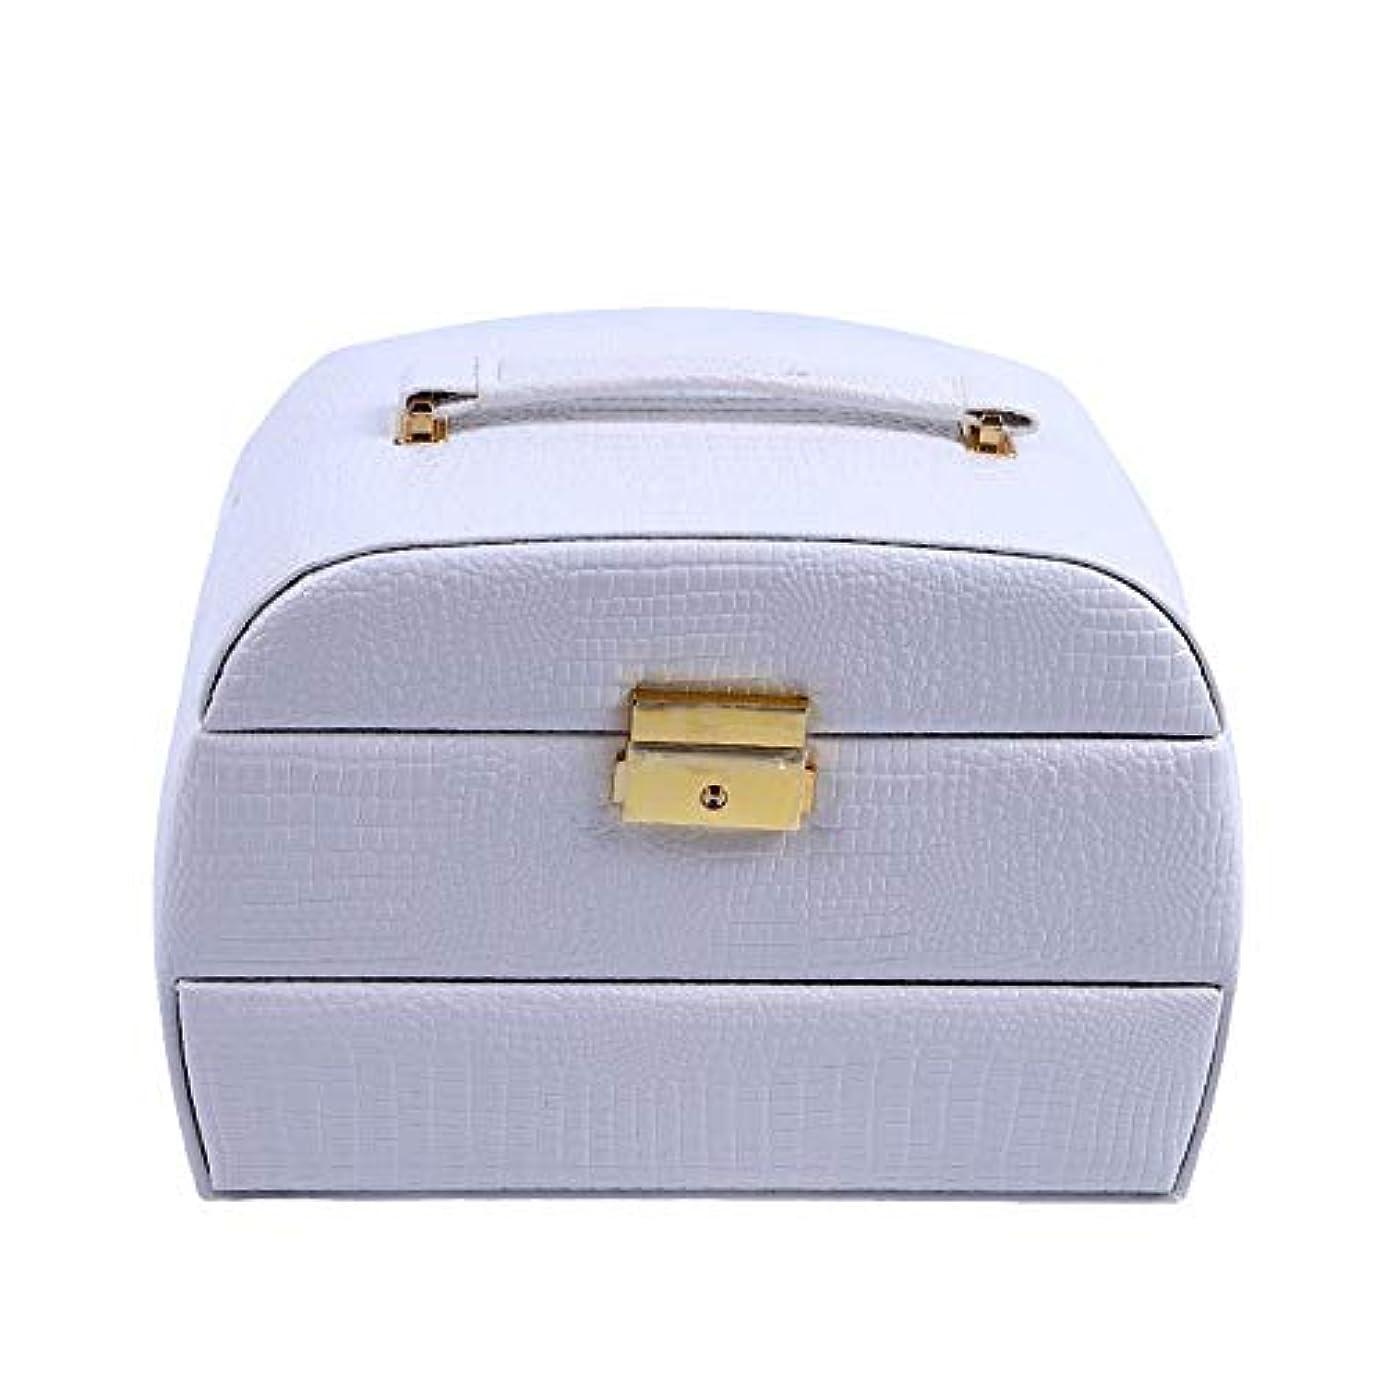 提案サーキットに行く航空会社化粧オーガナイザーバッグ 美容メイクアップのための大容量ポータブル化粧ケース、女性化粧ミラー付きのロック付き女性旅行と毎日の保管 化粧品ケース